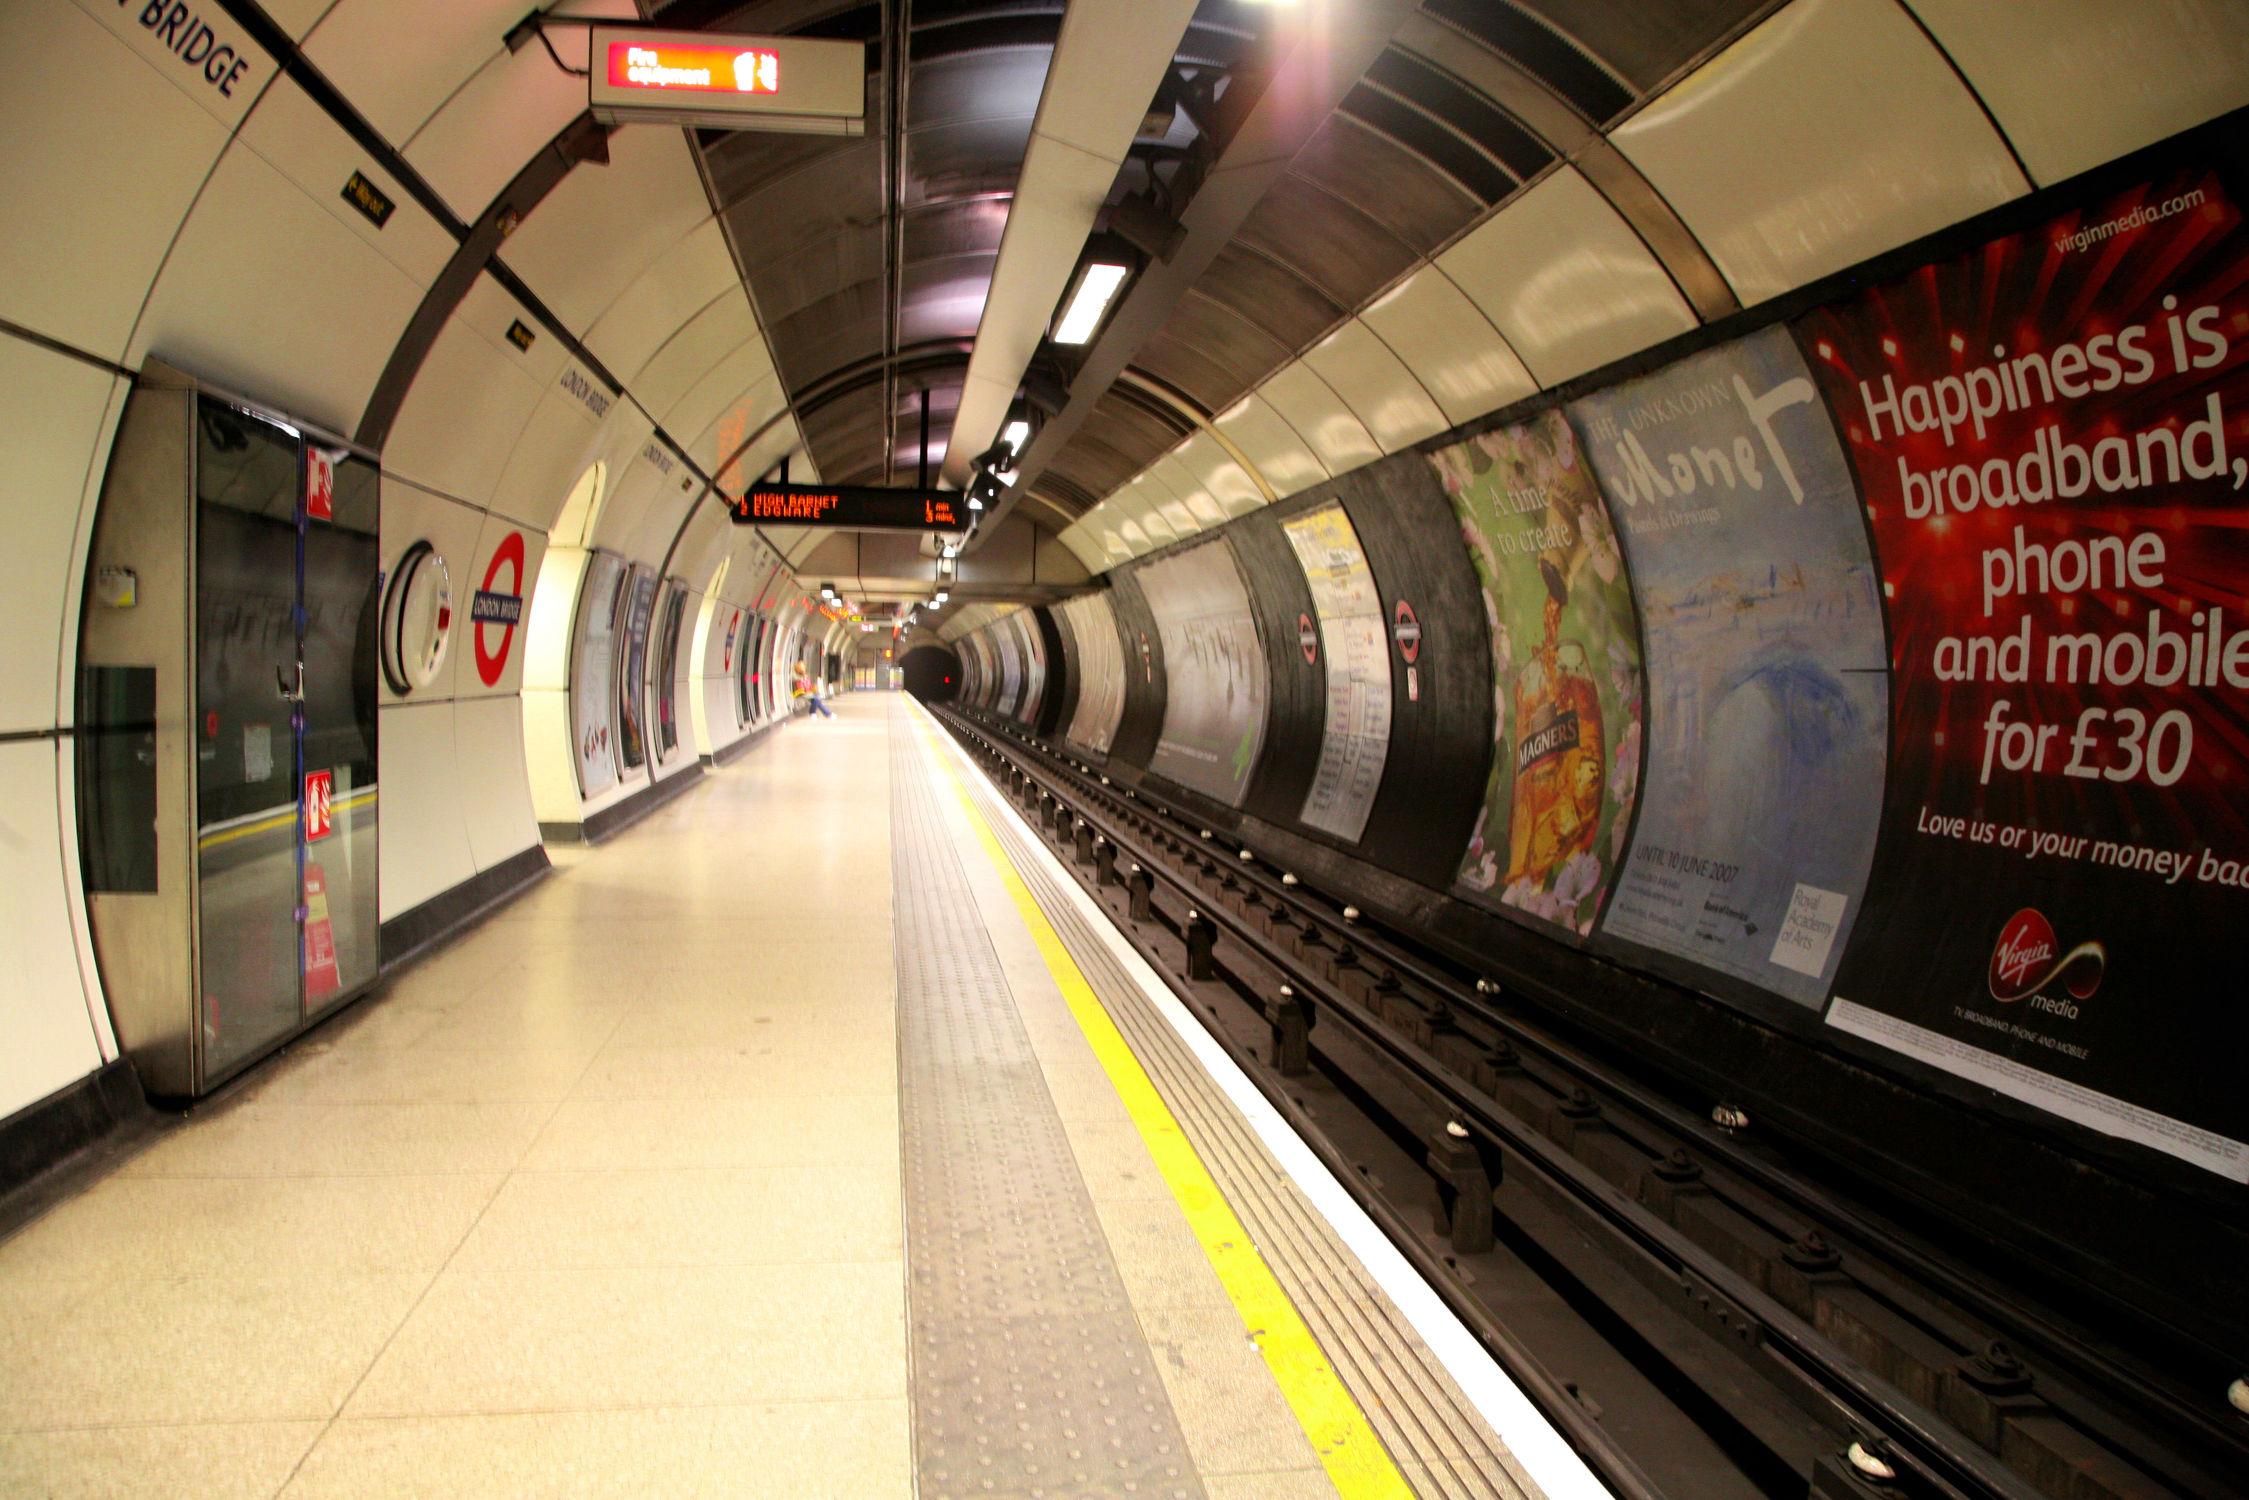 Bild mit Städte, London, Stadt, City, Bahn, Stadtleben, Bahnen, Rolltreppe, Rolltreppen, London Underground